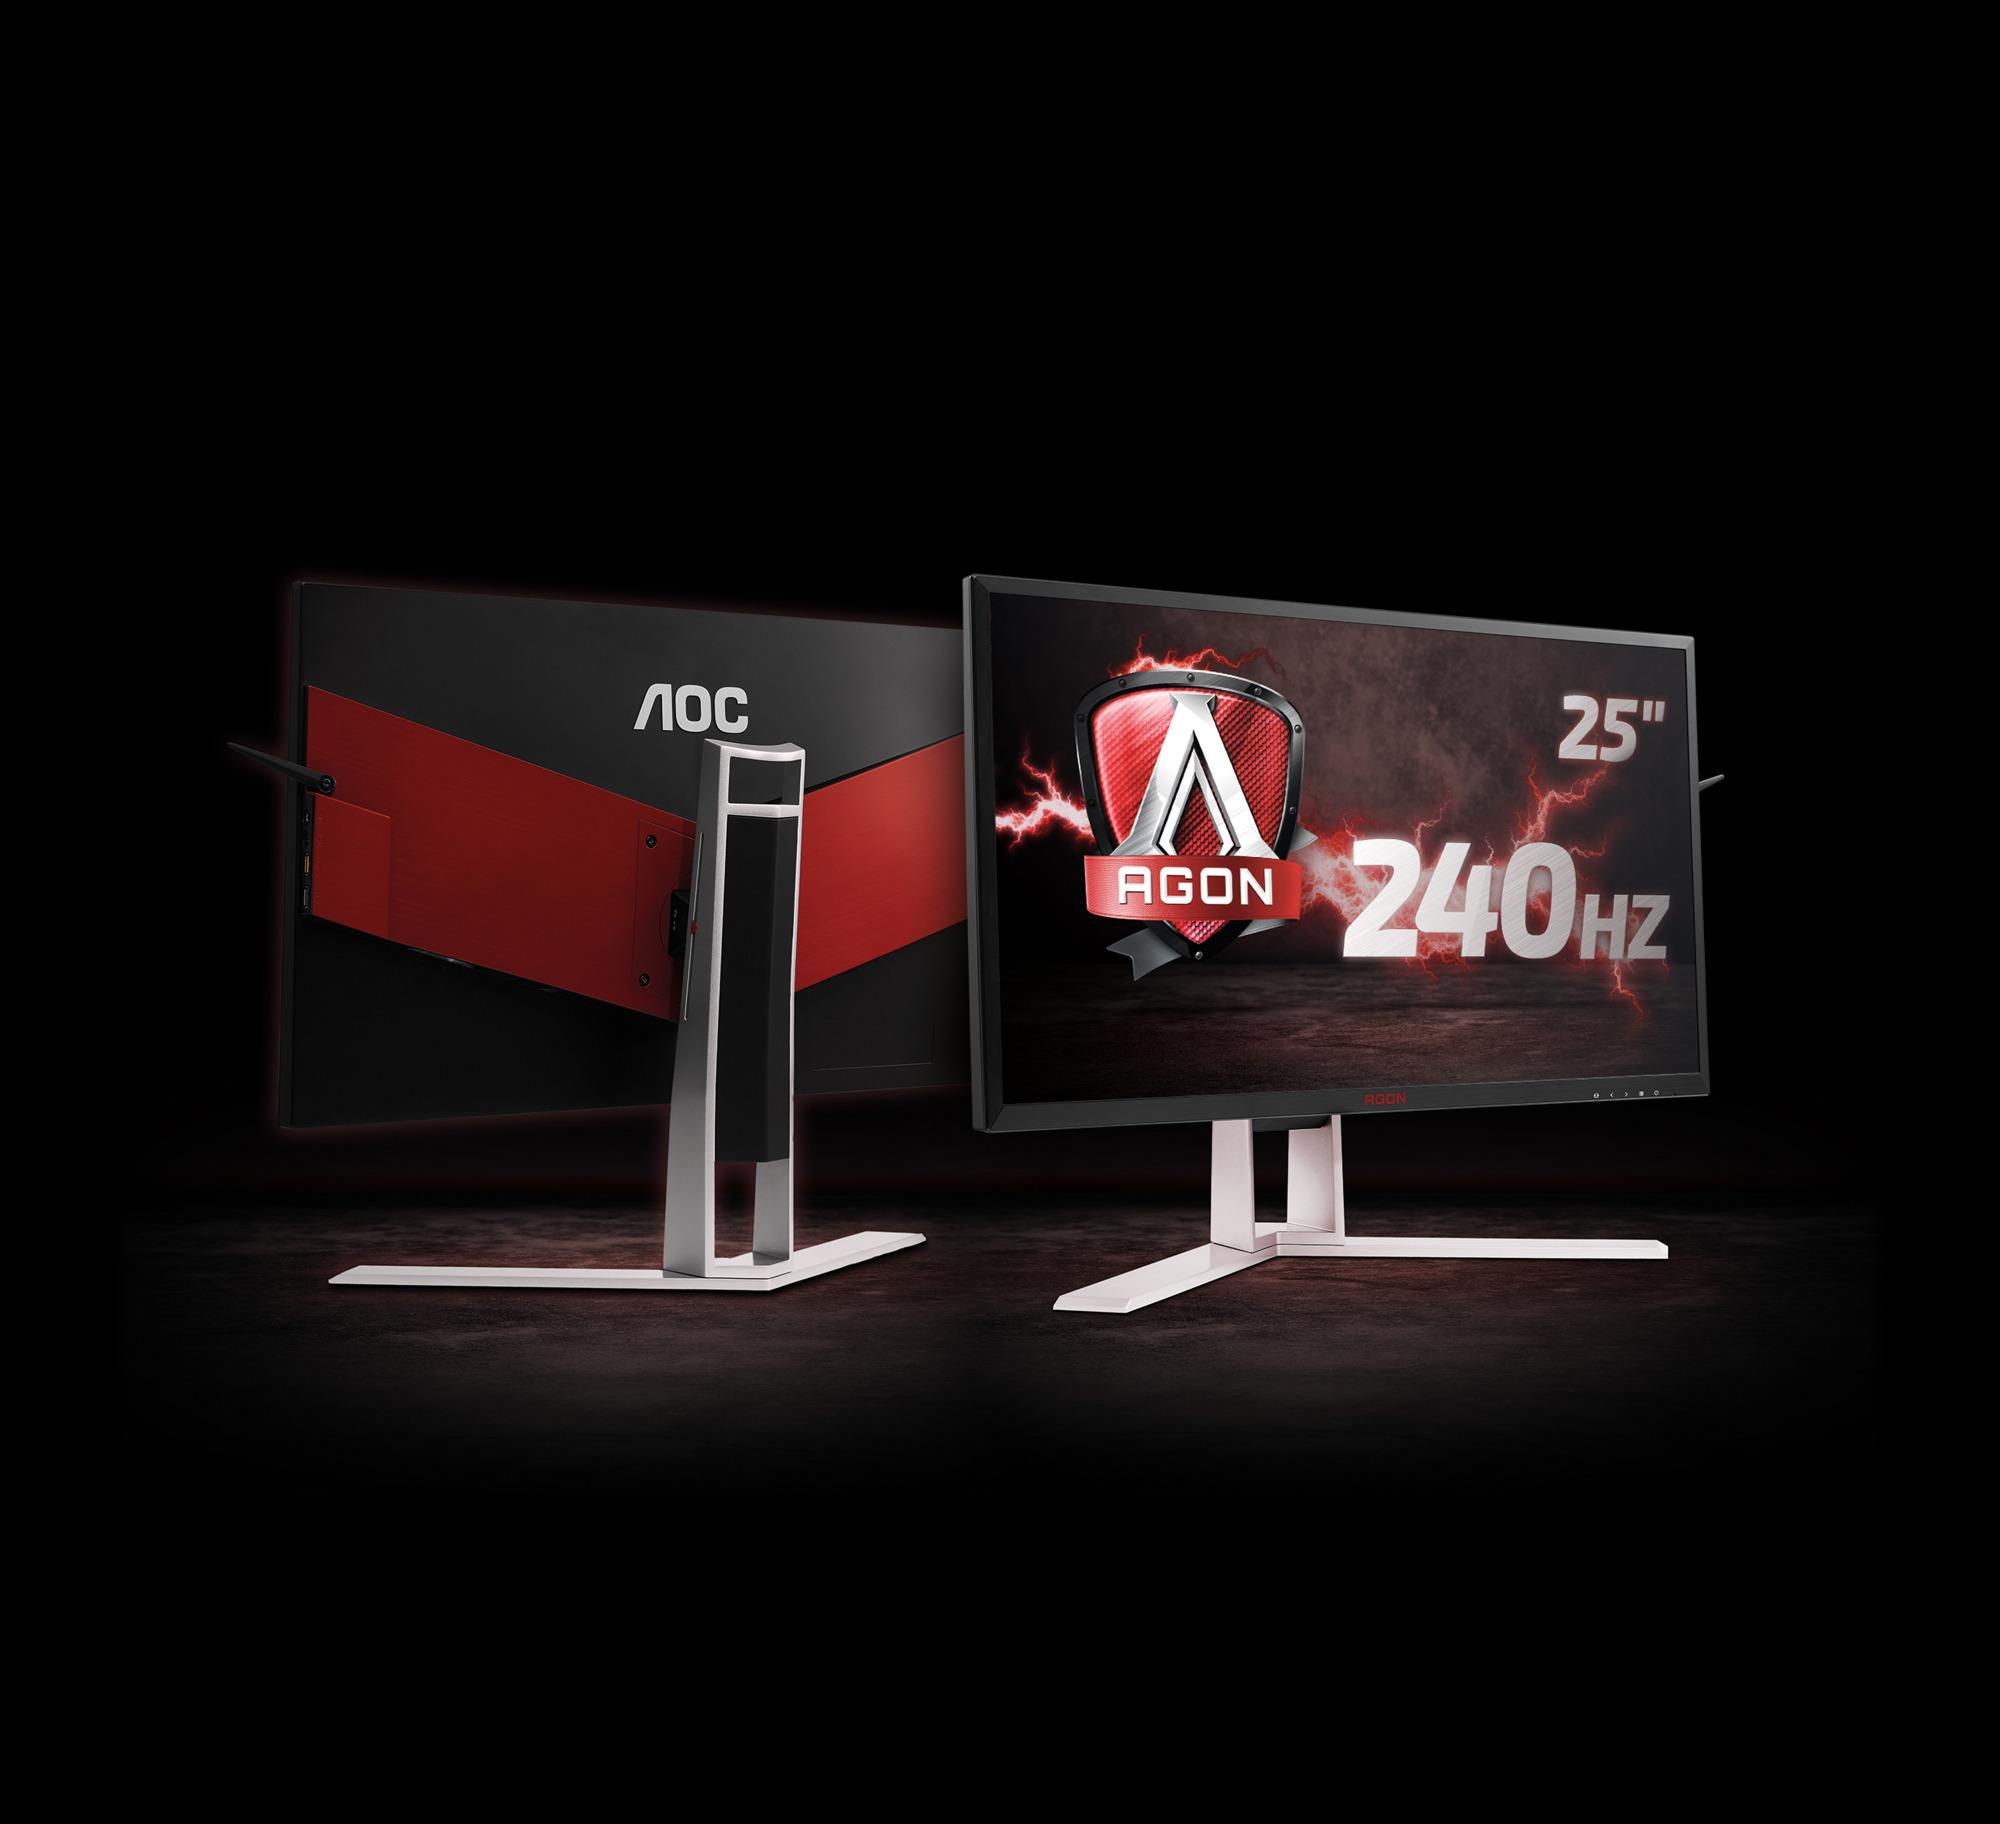 AOC AGON AG251FG s frekvenco osveževanja 240 Hz in tehnologijo NVIDIA G-SYNC